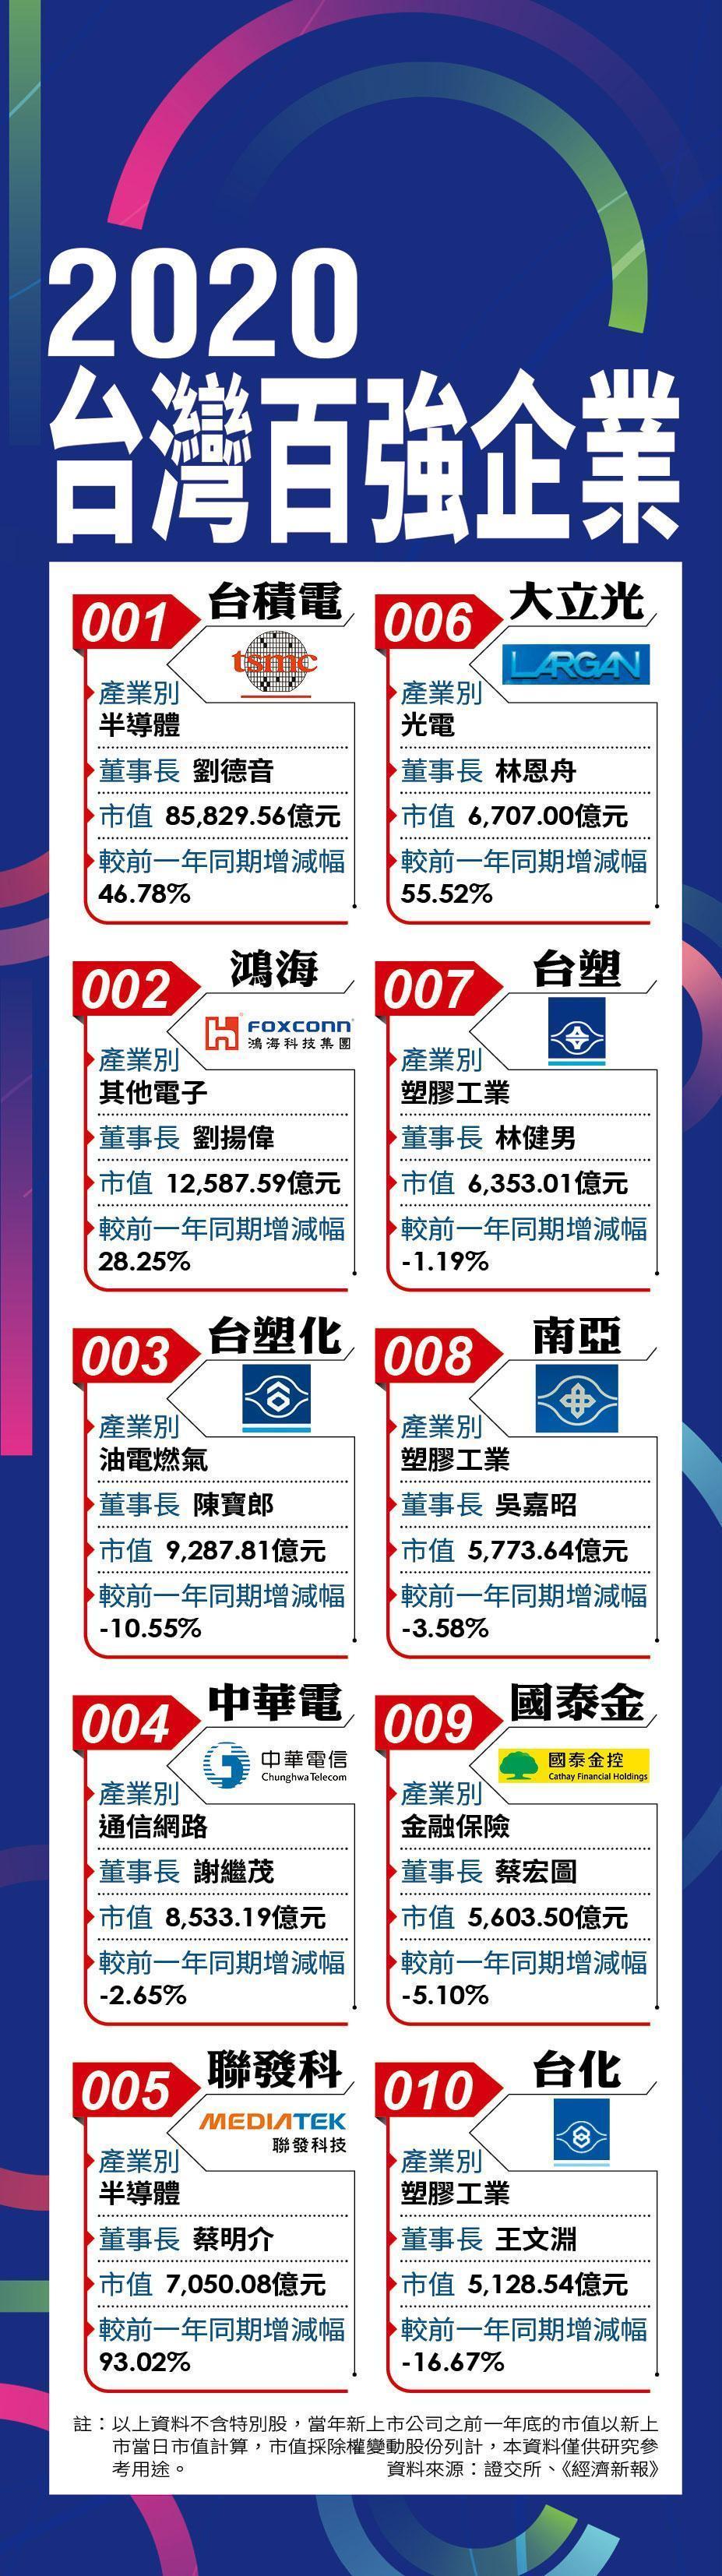 2020台灣百強企業